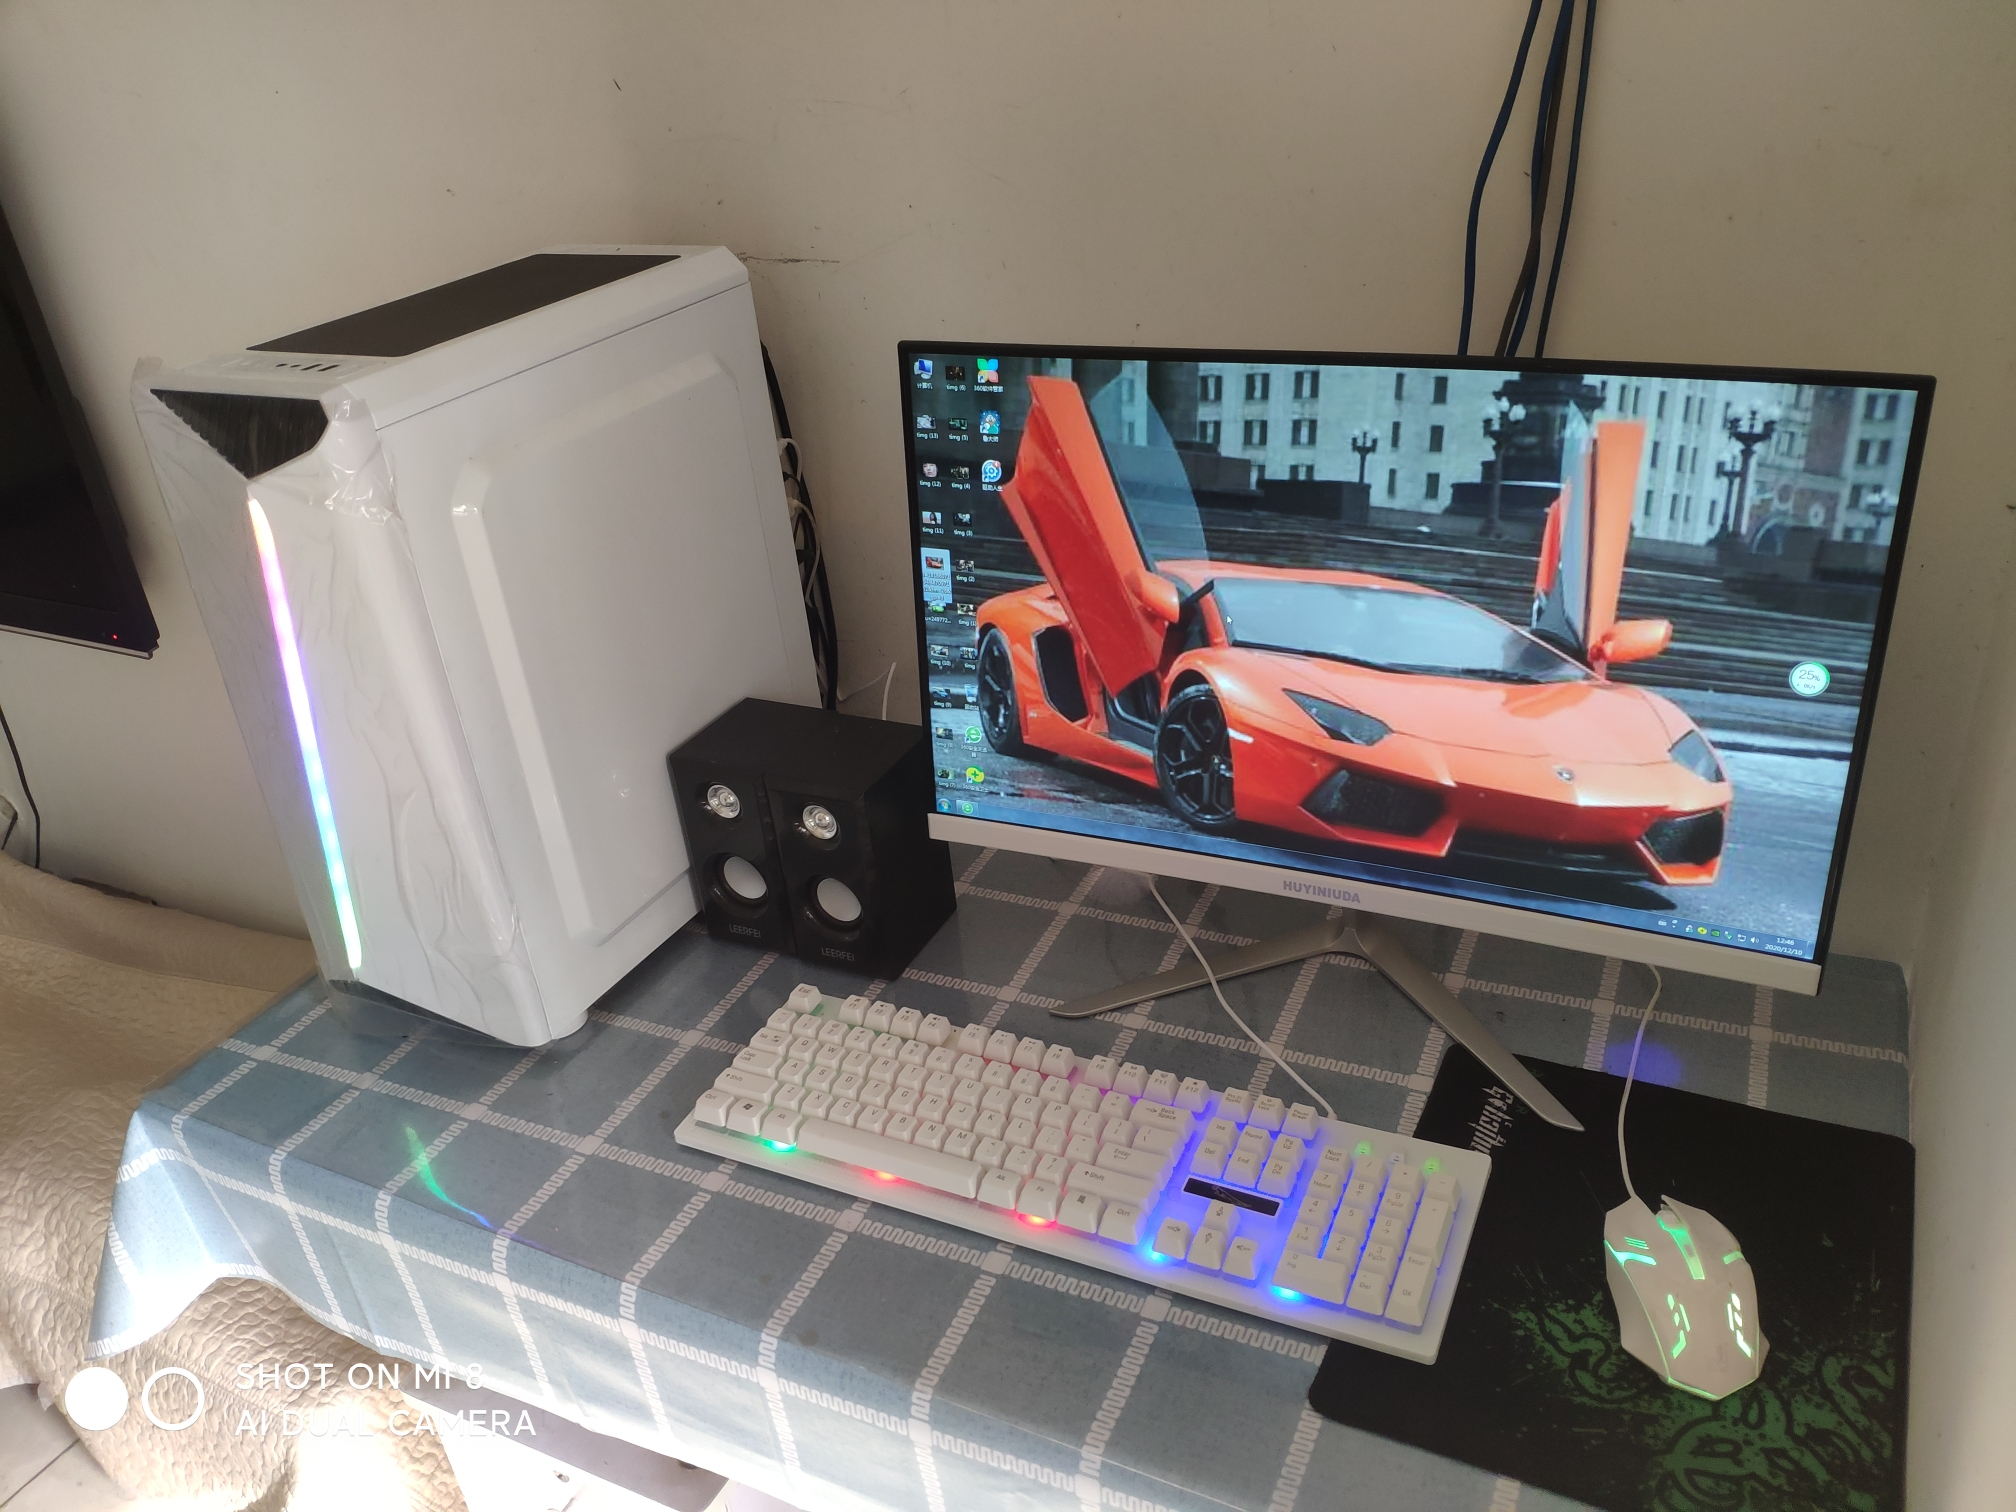 台式机整机主机台式机电脑吃鸡主机高配电脑游戏主机台式机组装机